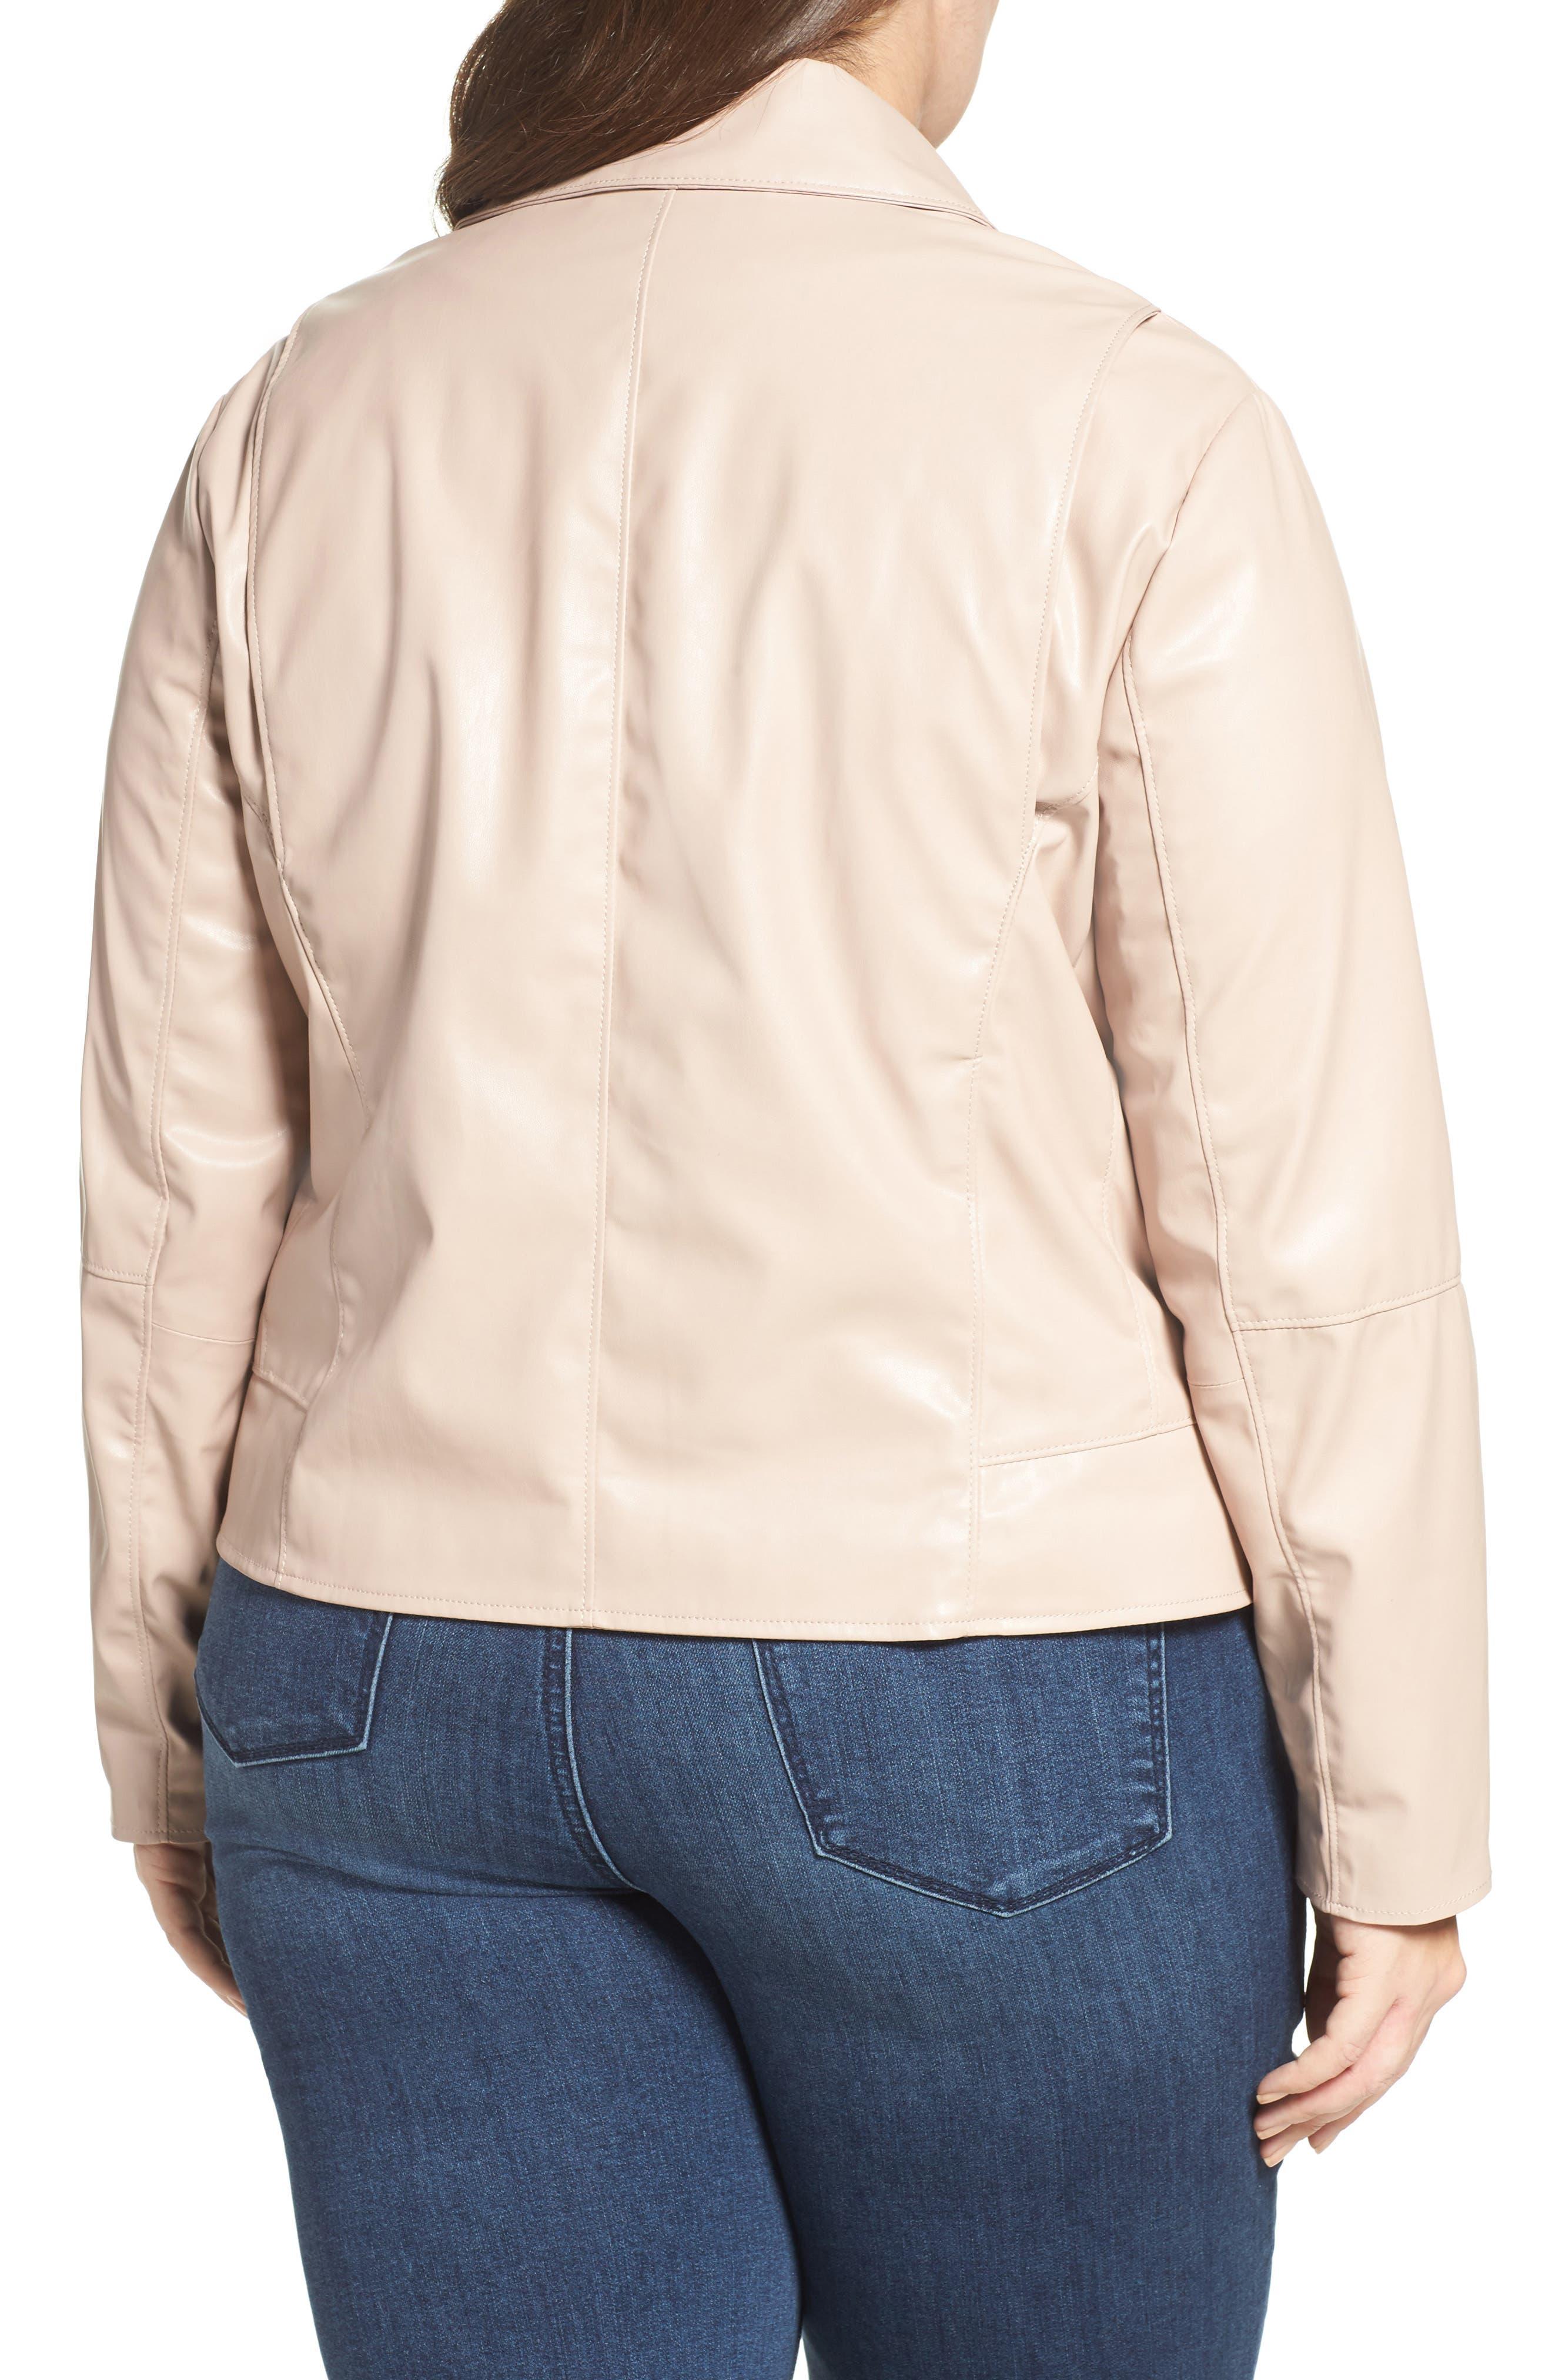 Mollie Faux Leather Jacket,                             Alternate thumbnail 2, color,                             681